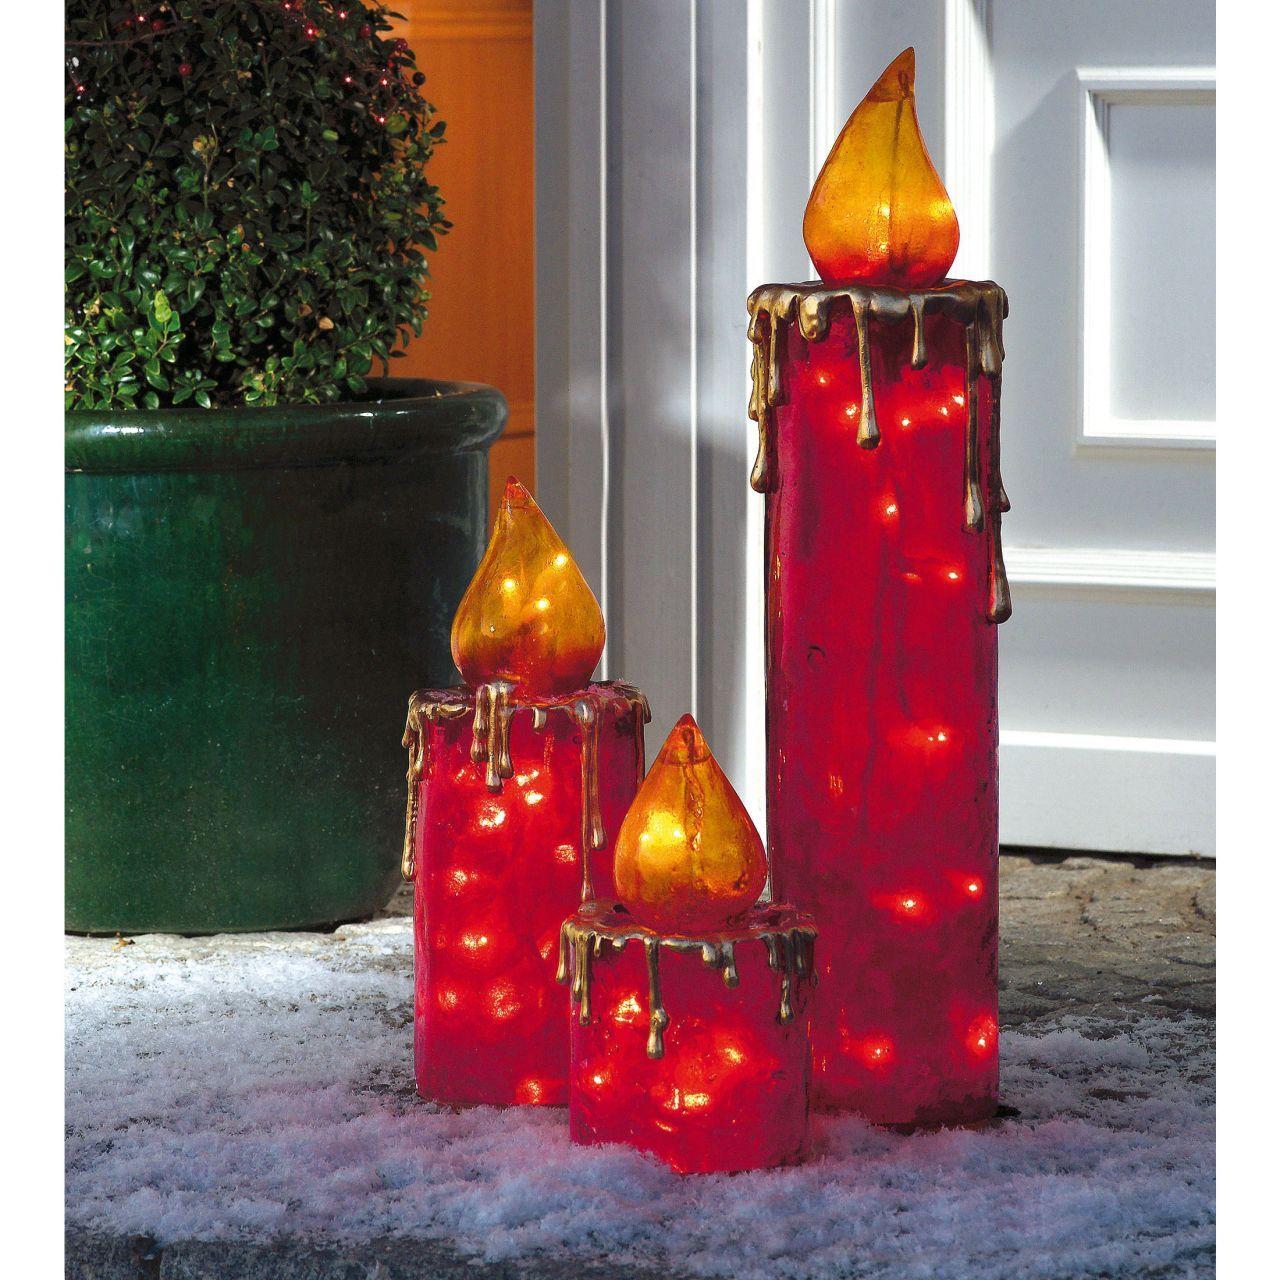 elektrische maxi kerzen f r drinnen und drau en weihnachten weihnachten kerzen und. Black Bedroom Furniture Sets. Home Design Ideas